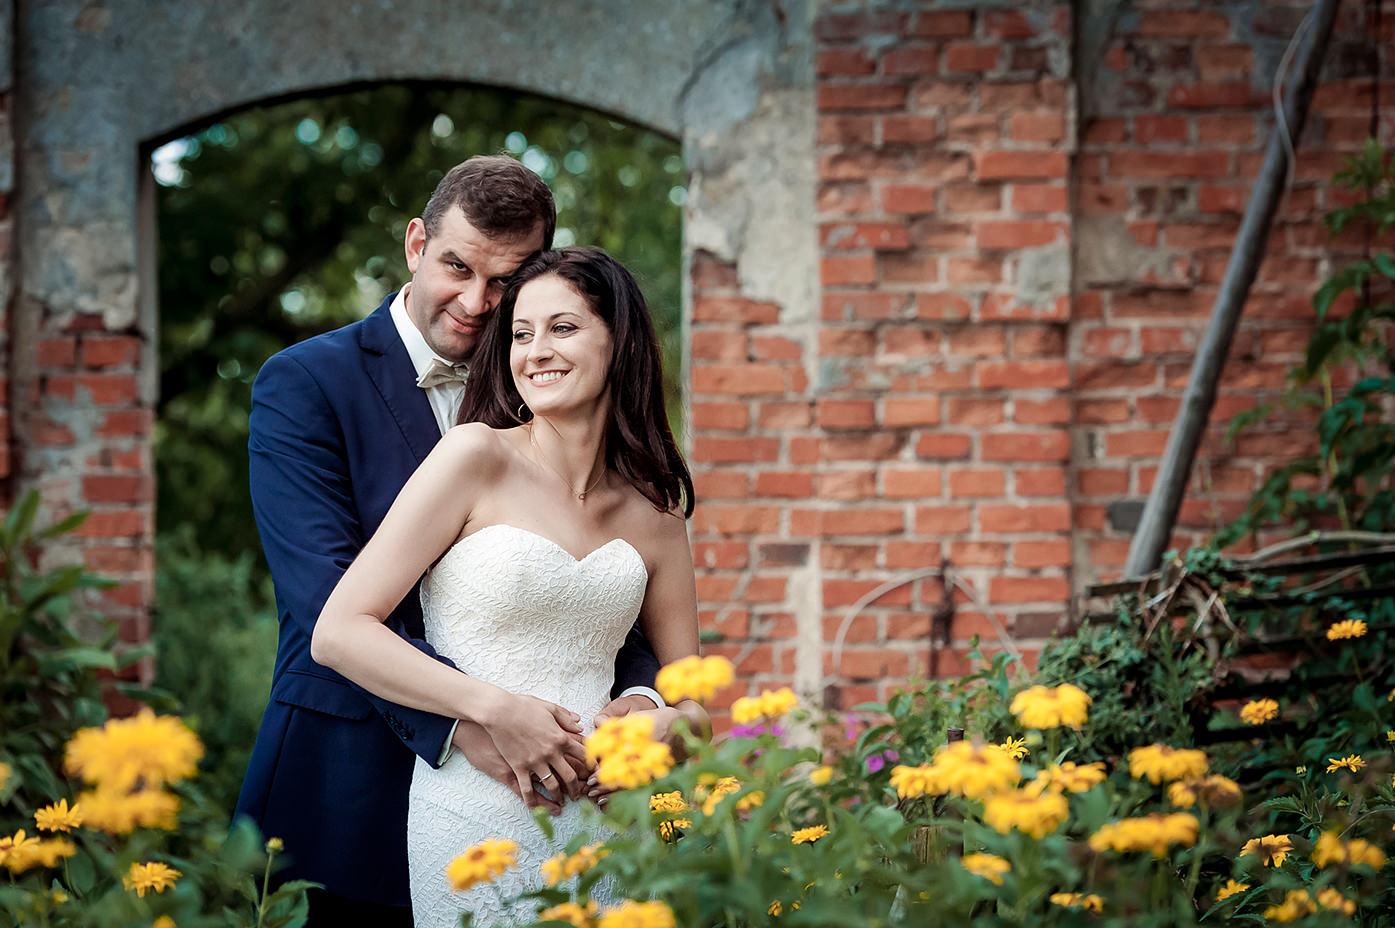 Rafał Kowalski Fotograf Ślubny opinie - Para młoda w trakcie pleneru ślubnego w ruinach pałacu koło Golubia-Dobrzynia